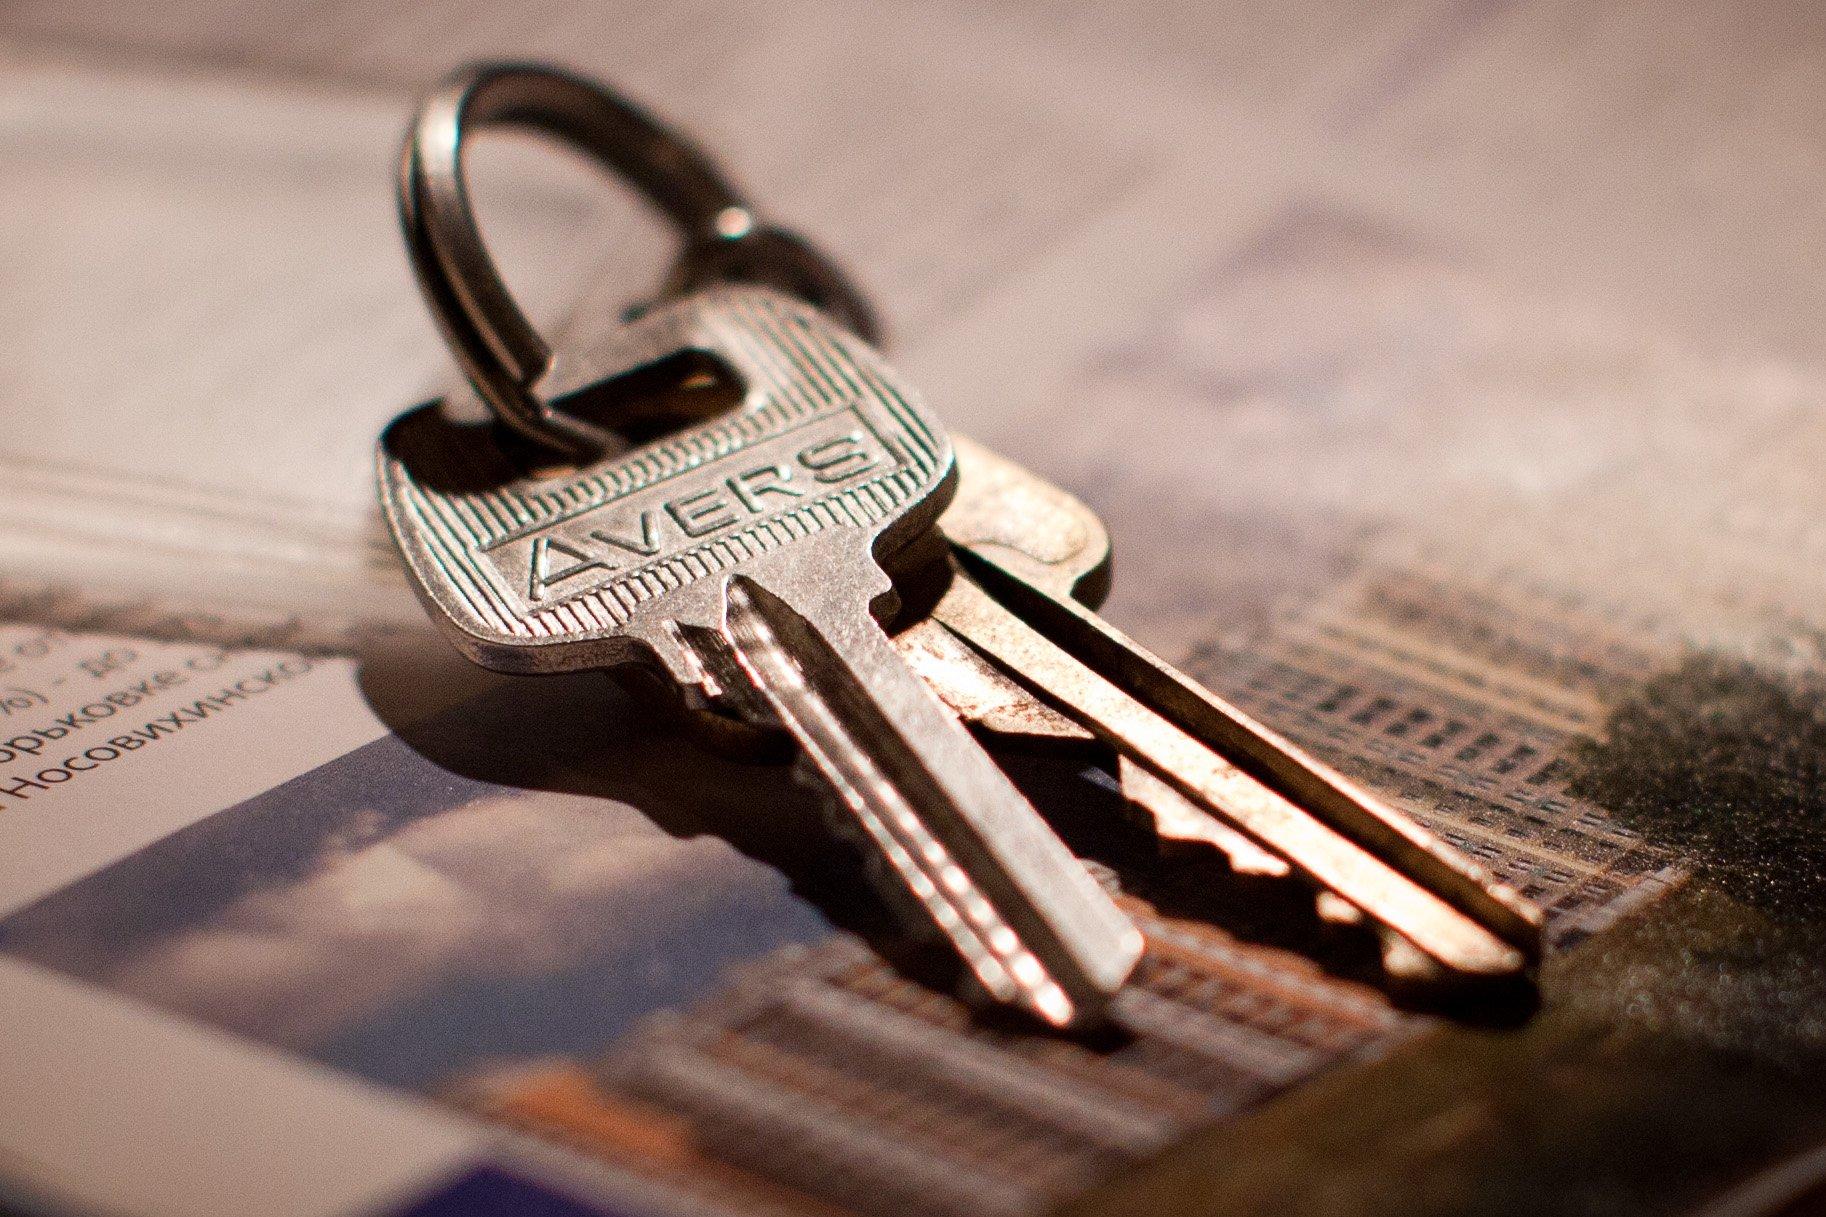 Приватизация квартиры без согласия прописанных 2019